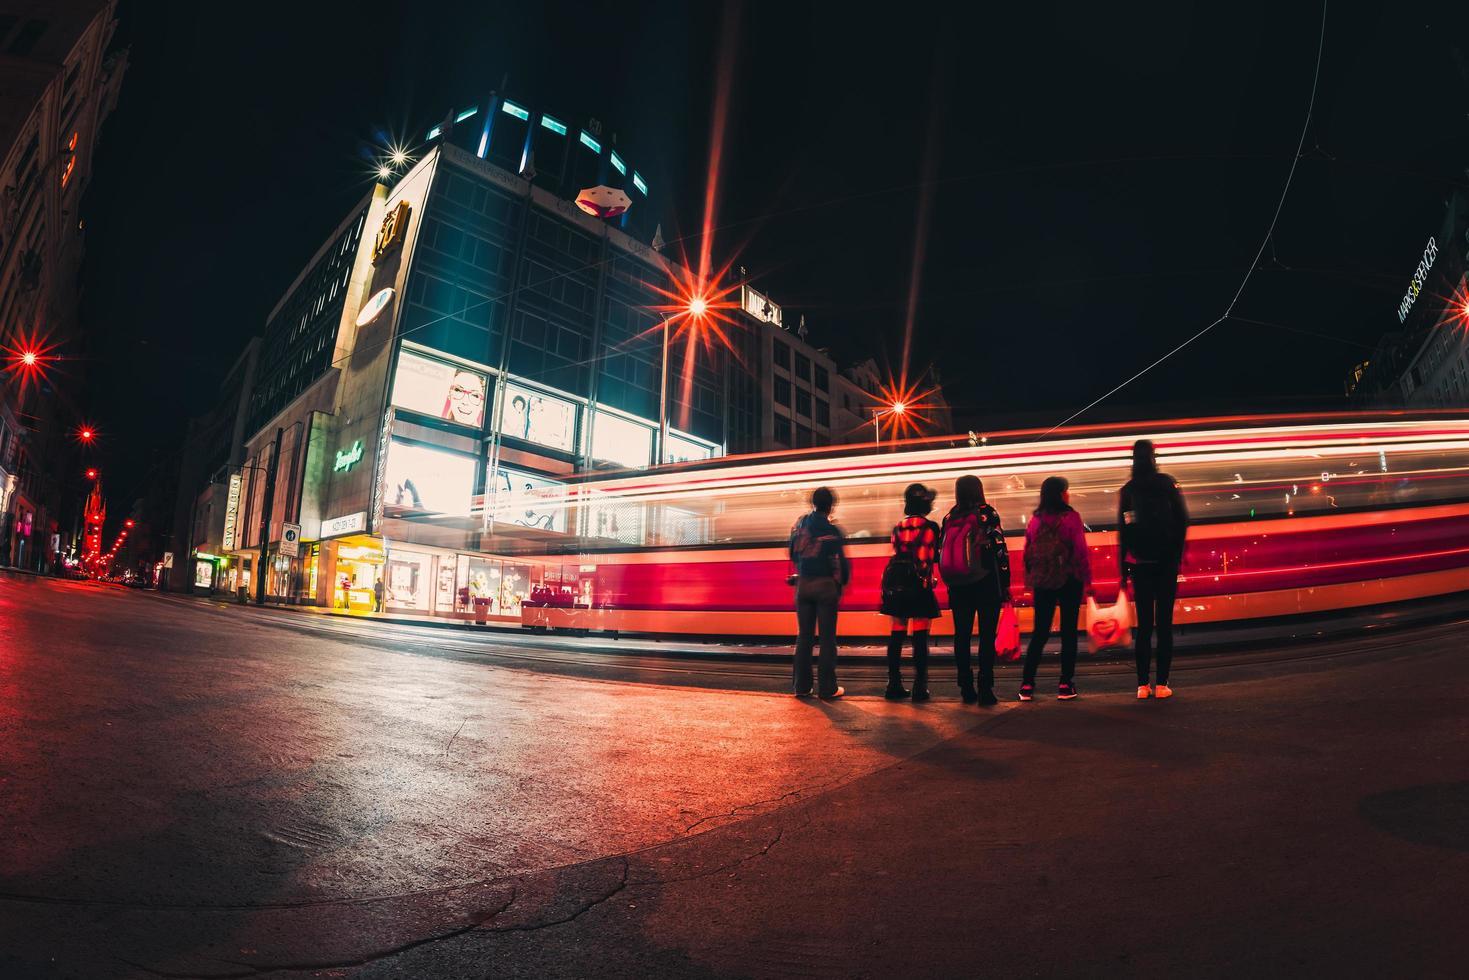 Tjeckien 2017 - människor på gatan mitt i lätta stigar på natten foto